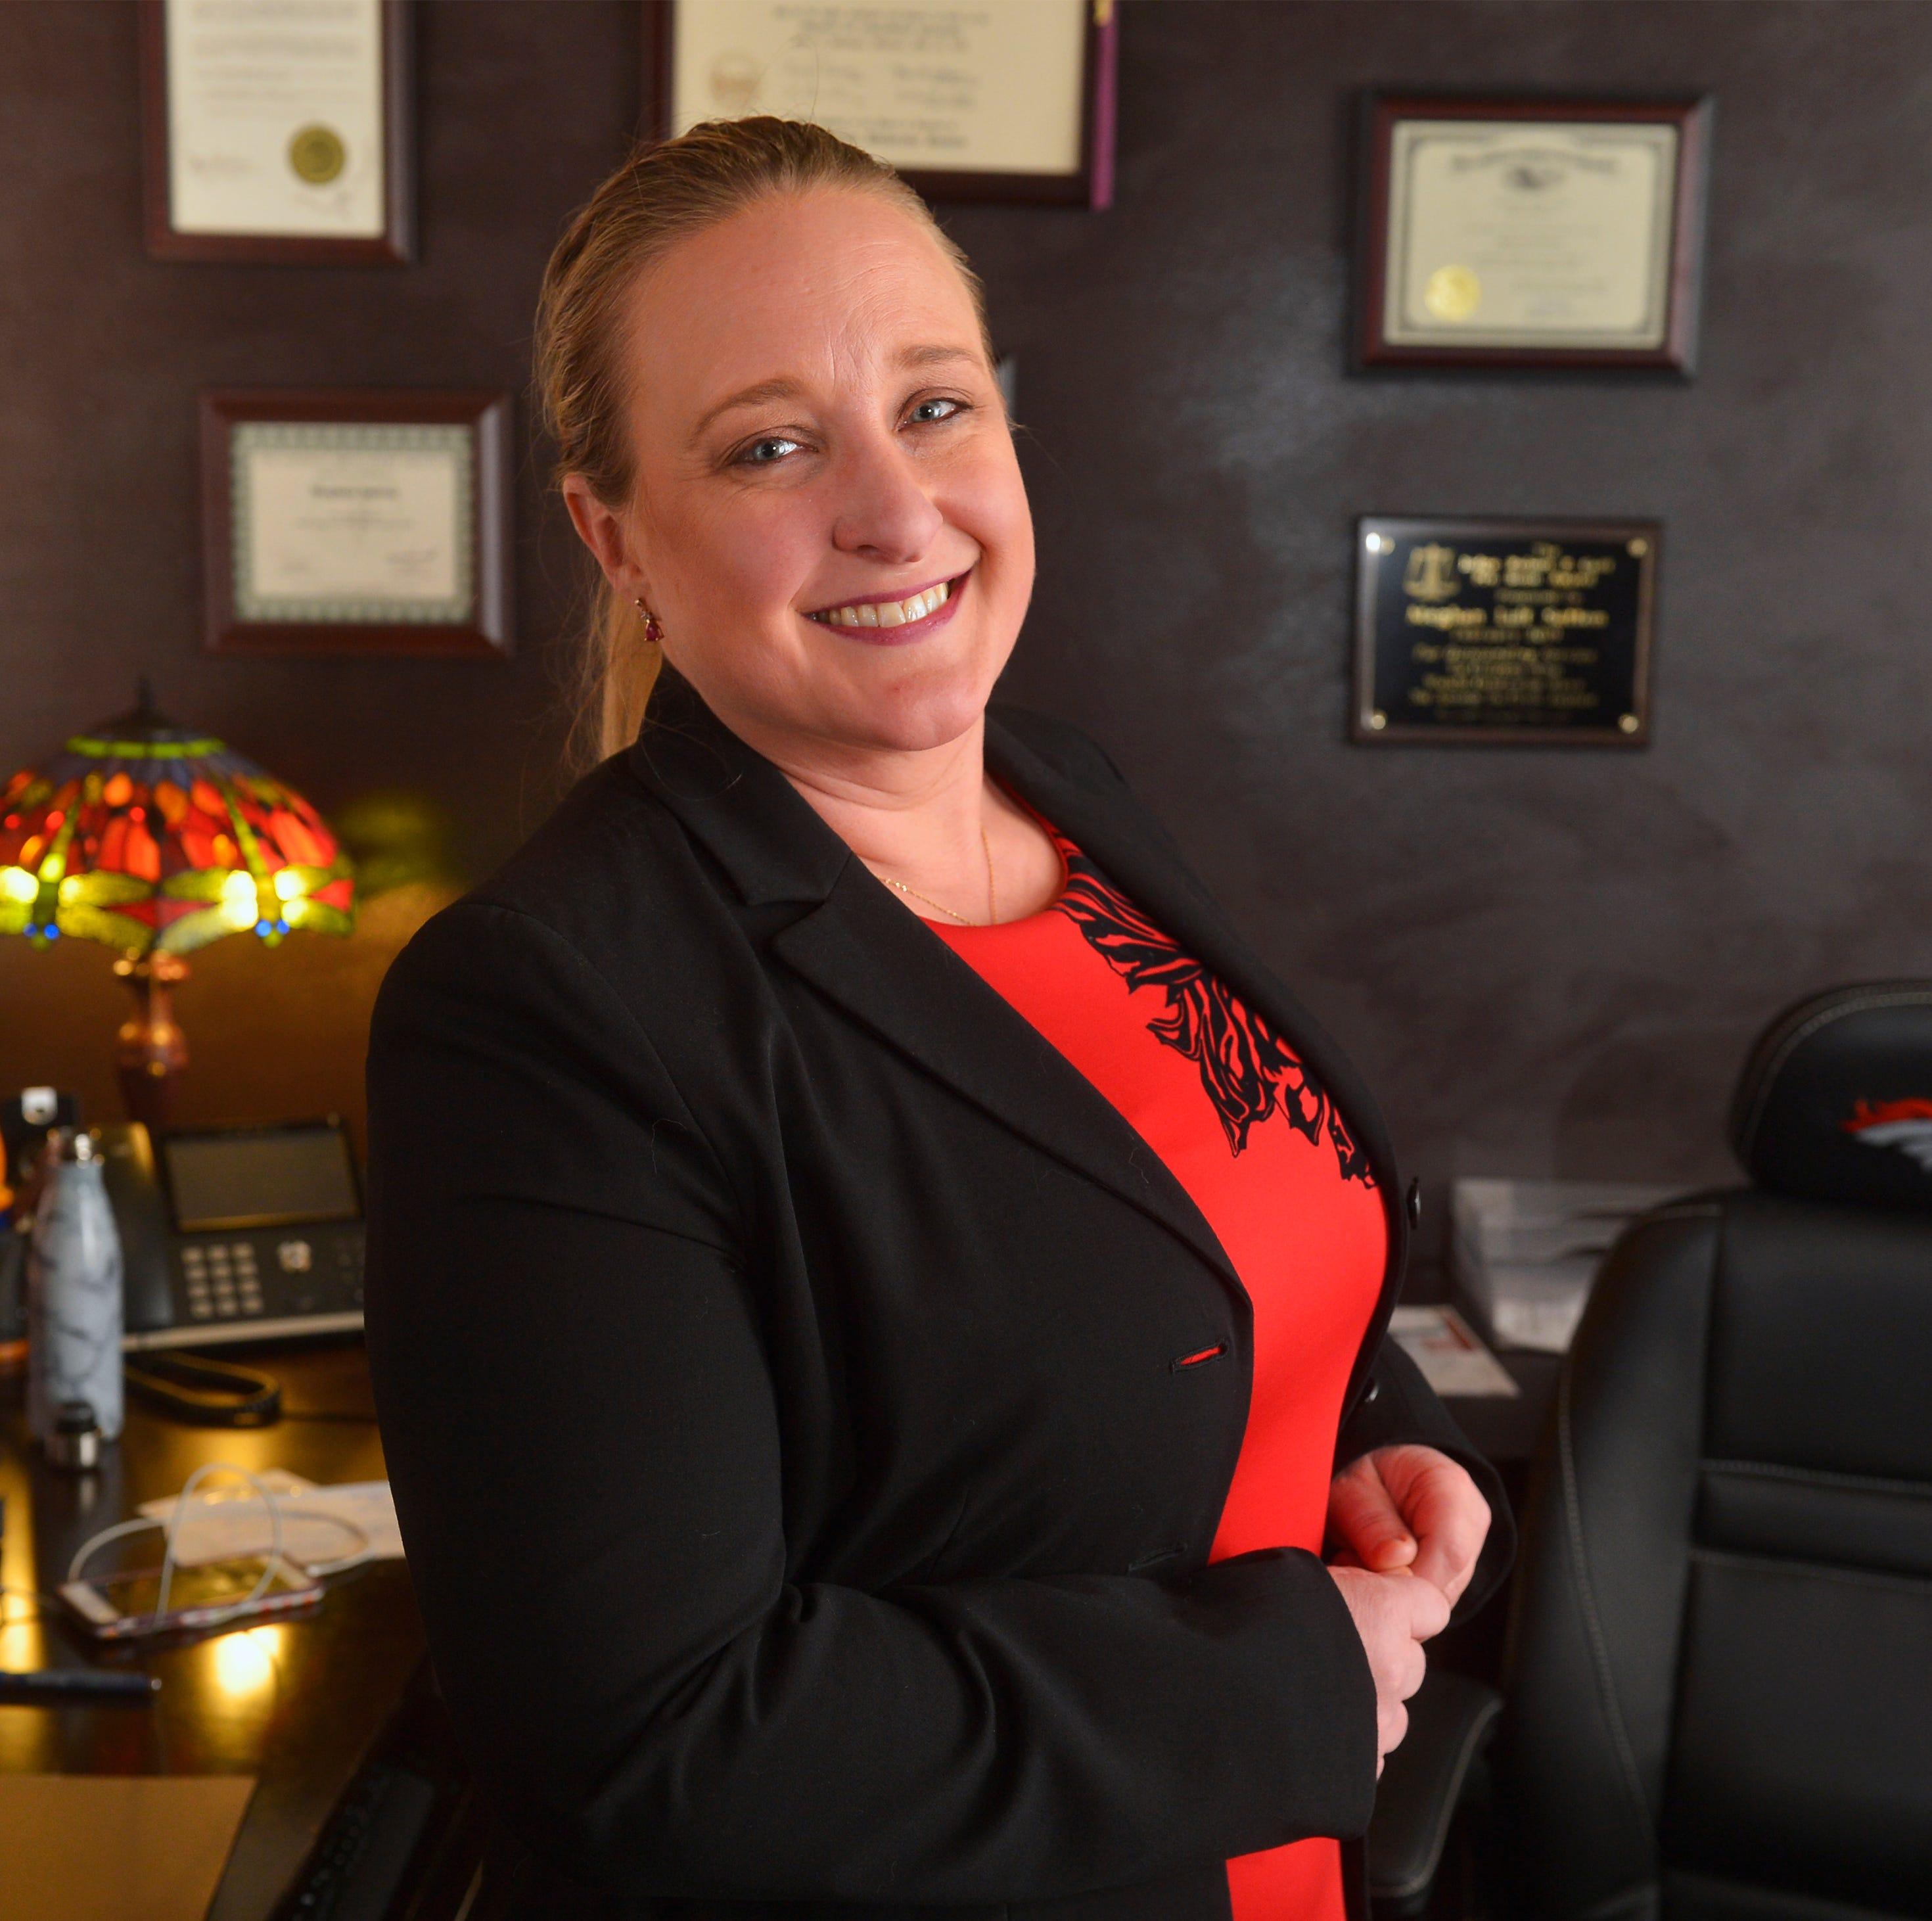 Volunteer attorneys help Great Falls' broken families